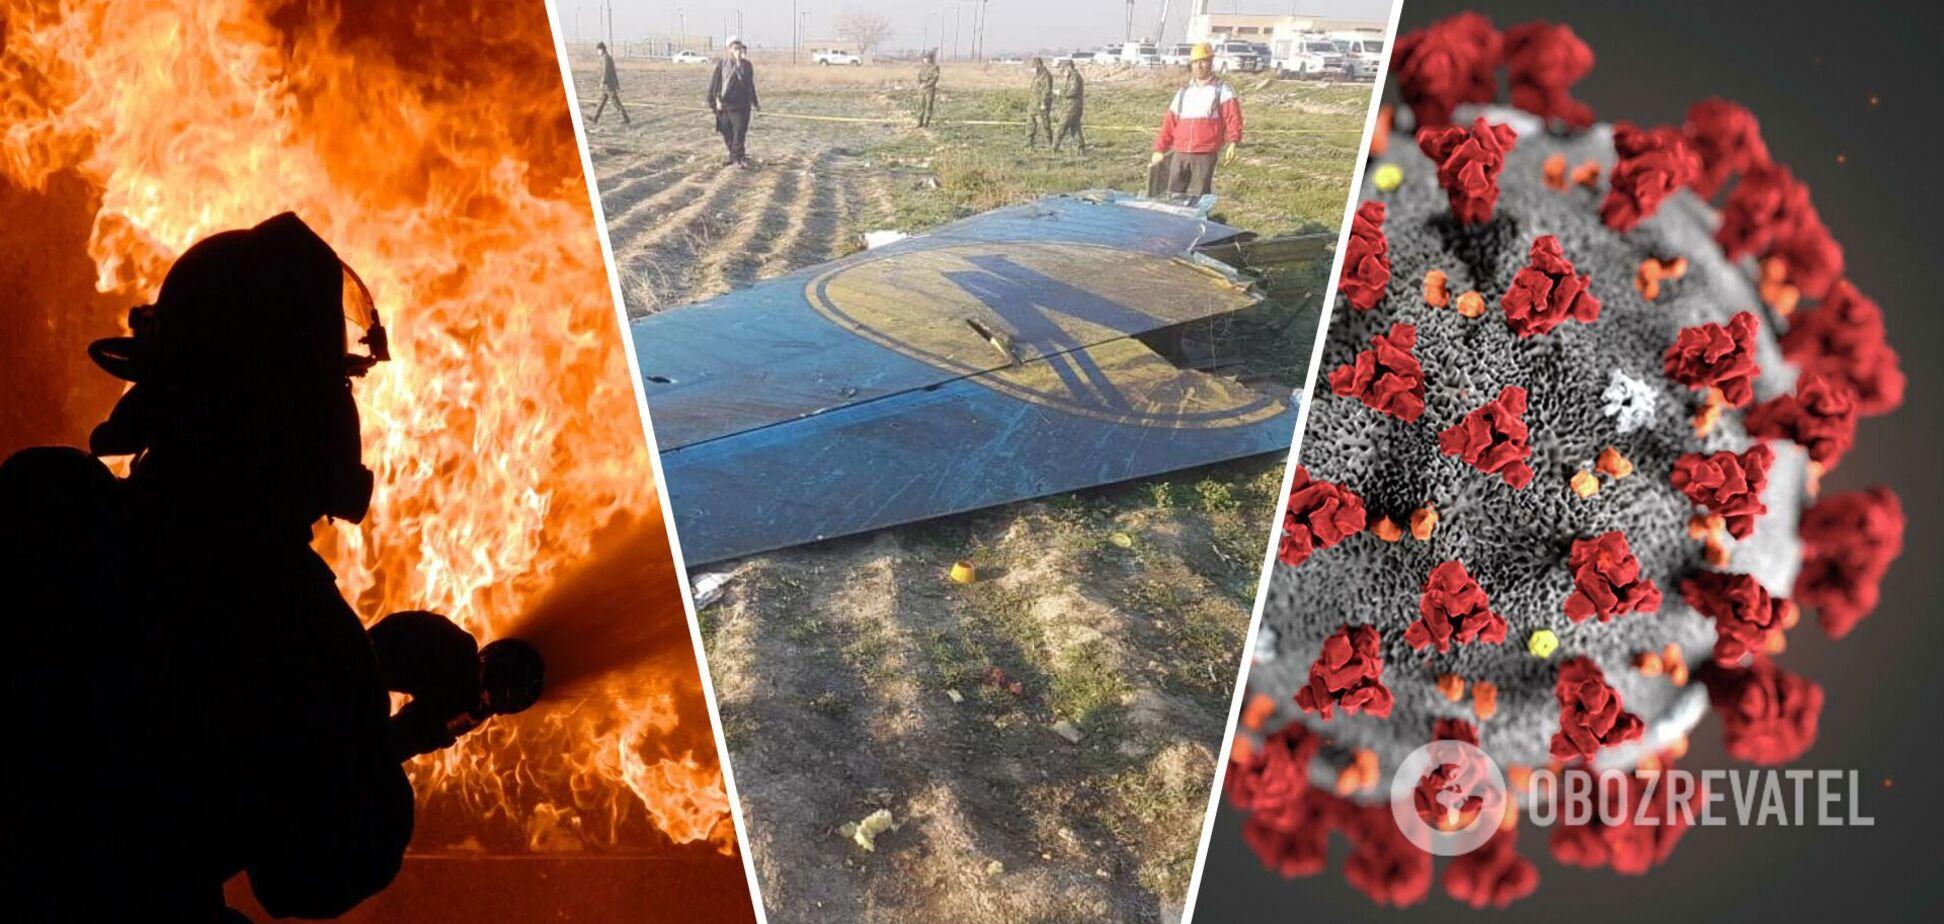 Авиакатастрофы, рынок земли и провал 'слуг': чем помимо COVID-19 запомнится 2020 год в Украине